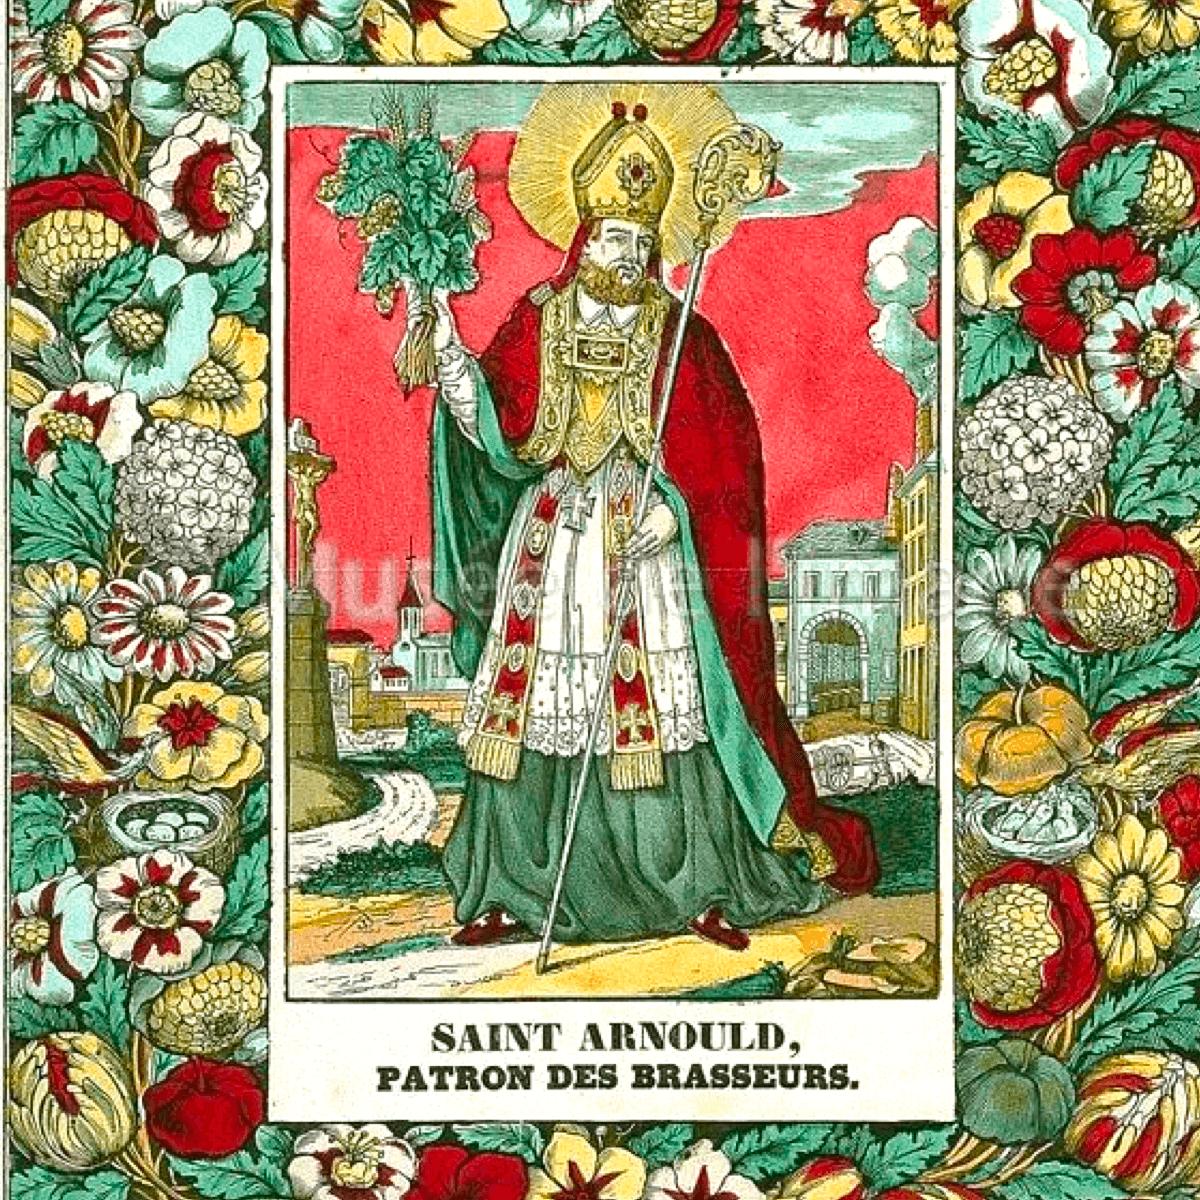 Le saint patron des brasseurs avec les ingrédients de la bière à la main : le malt d'orge et le houblon - Divine Box